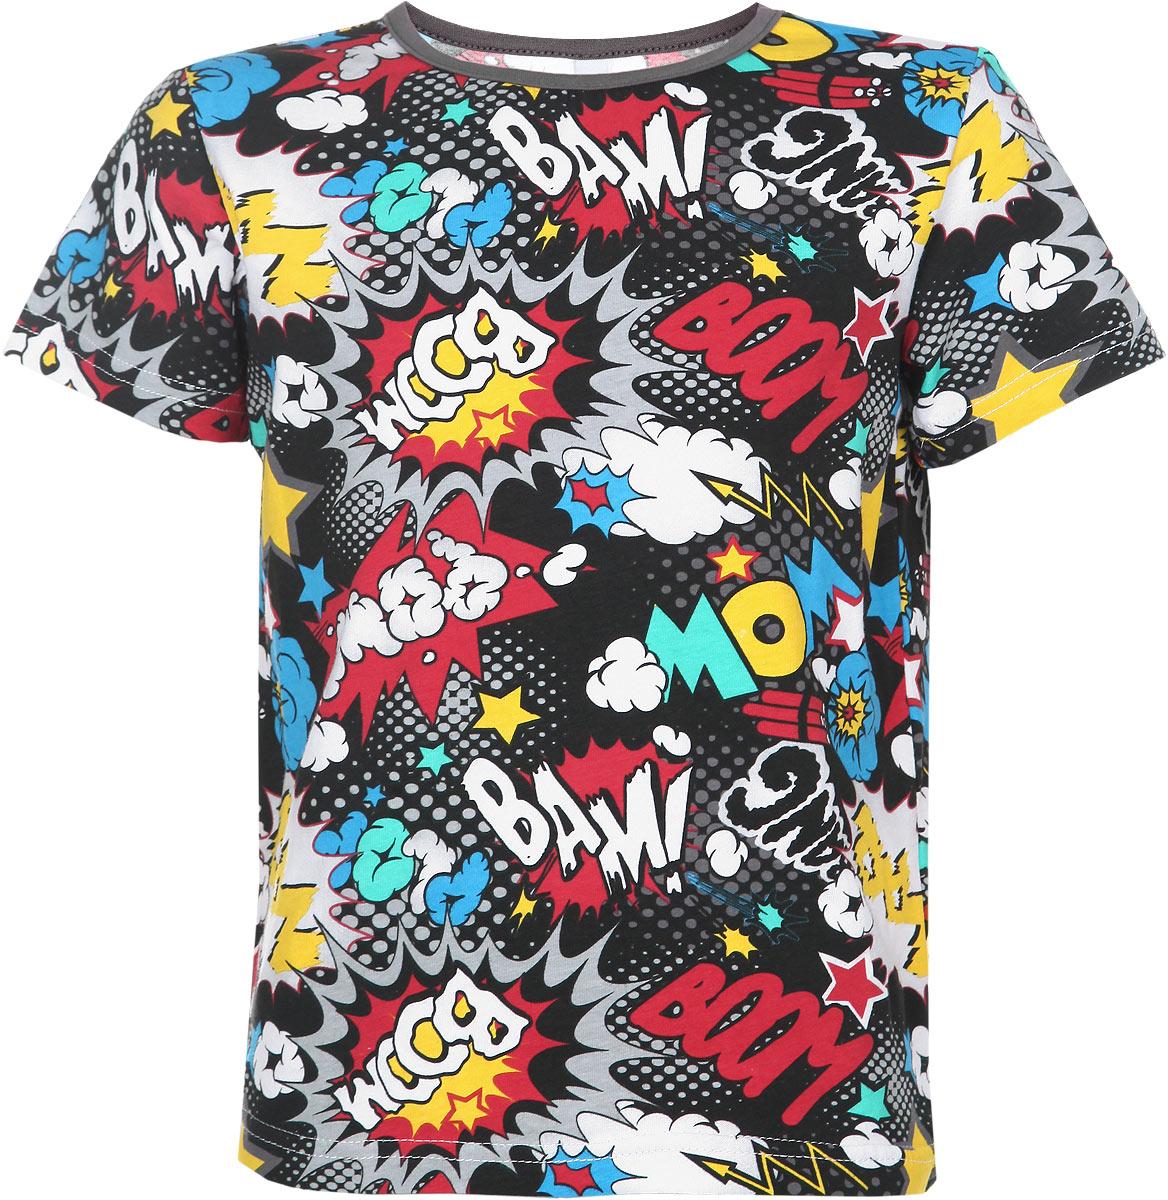 Футболка для мальчика. 161069161069Яркая футболка для мальчика PlayToday, выполненная из эластичного хлопка, станет отличным дополнением к детскому гардеробу. Футболка мягкая и приятная на ощупь, не сковывает движения ребенка и позволяет коже дышать, обеспечивая наибольший комфорт. Модель с круглым вырезом горловины и короткими рукавами оформлена оригинальным принтом с надписями по всей поверхности. Воротник дополнен мягкой бейкой. В такой футболке ребенок будет чувствовать себя комфортно, уютно и всегда будет в центре внимания!